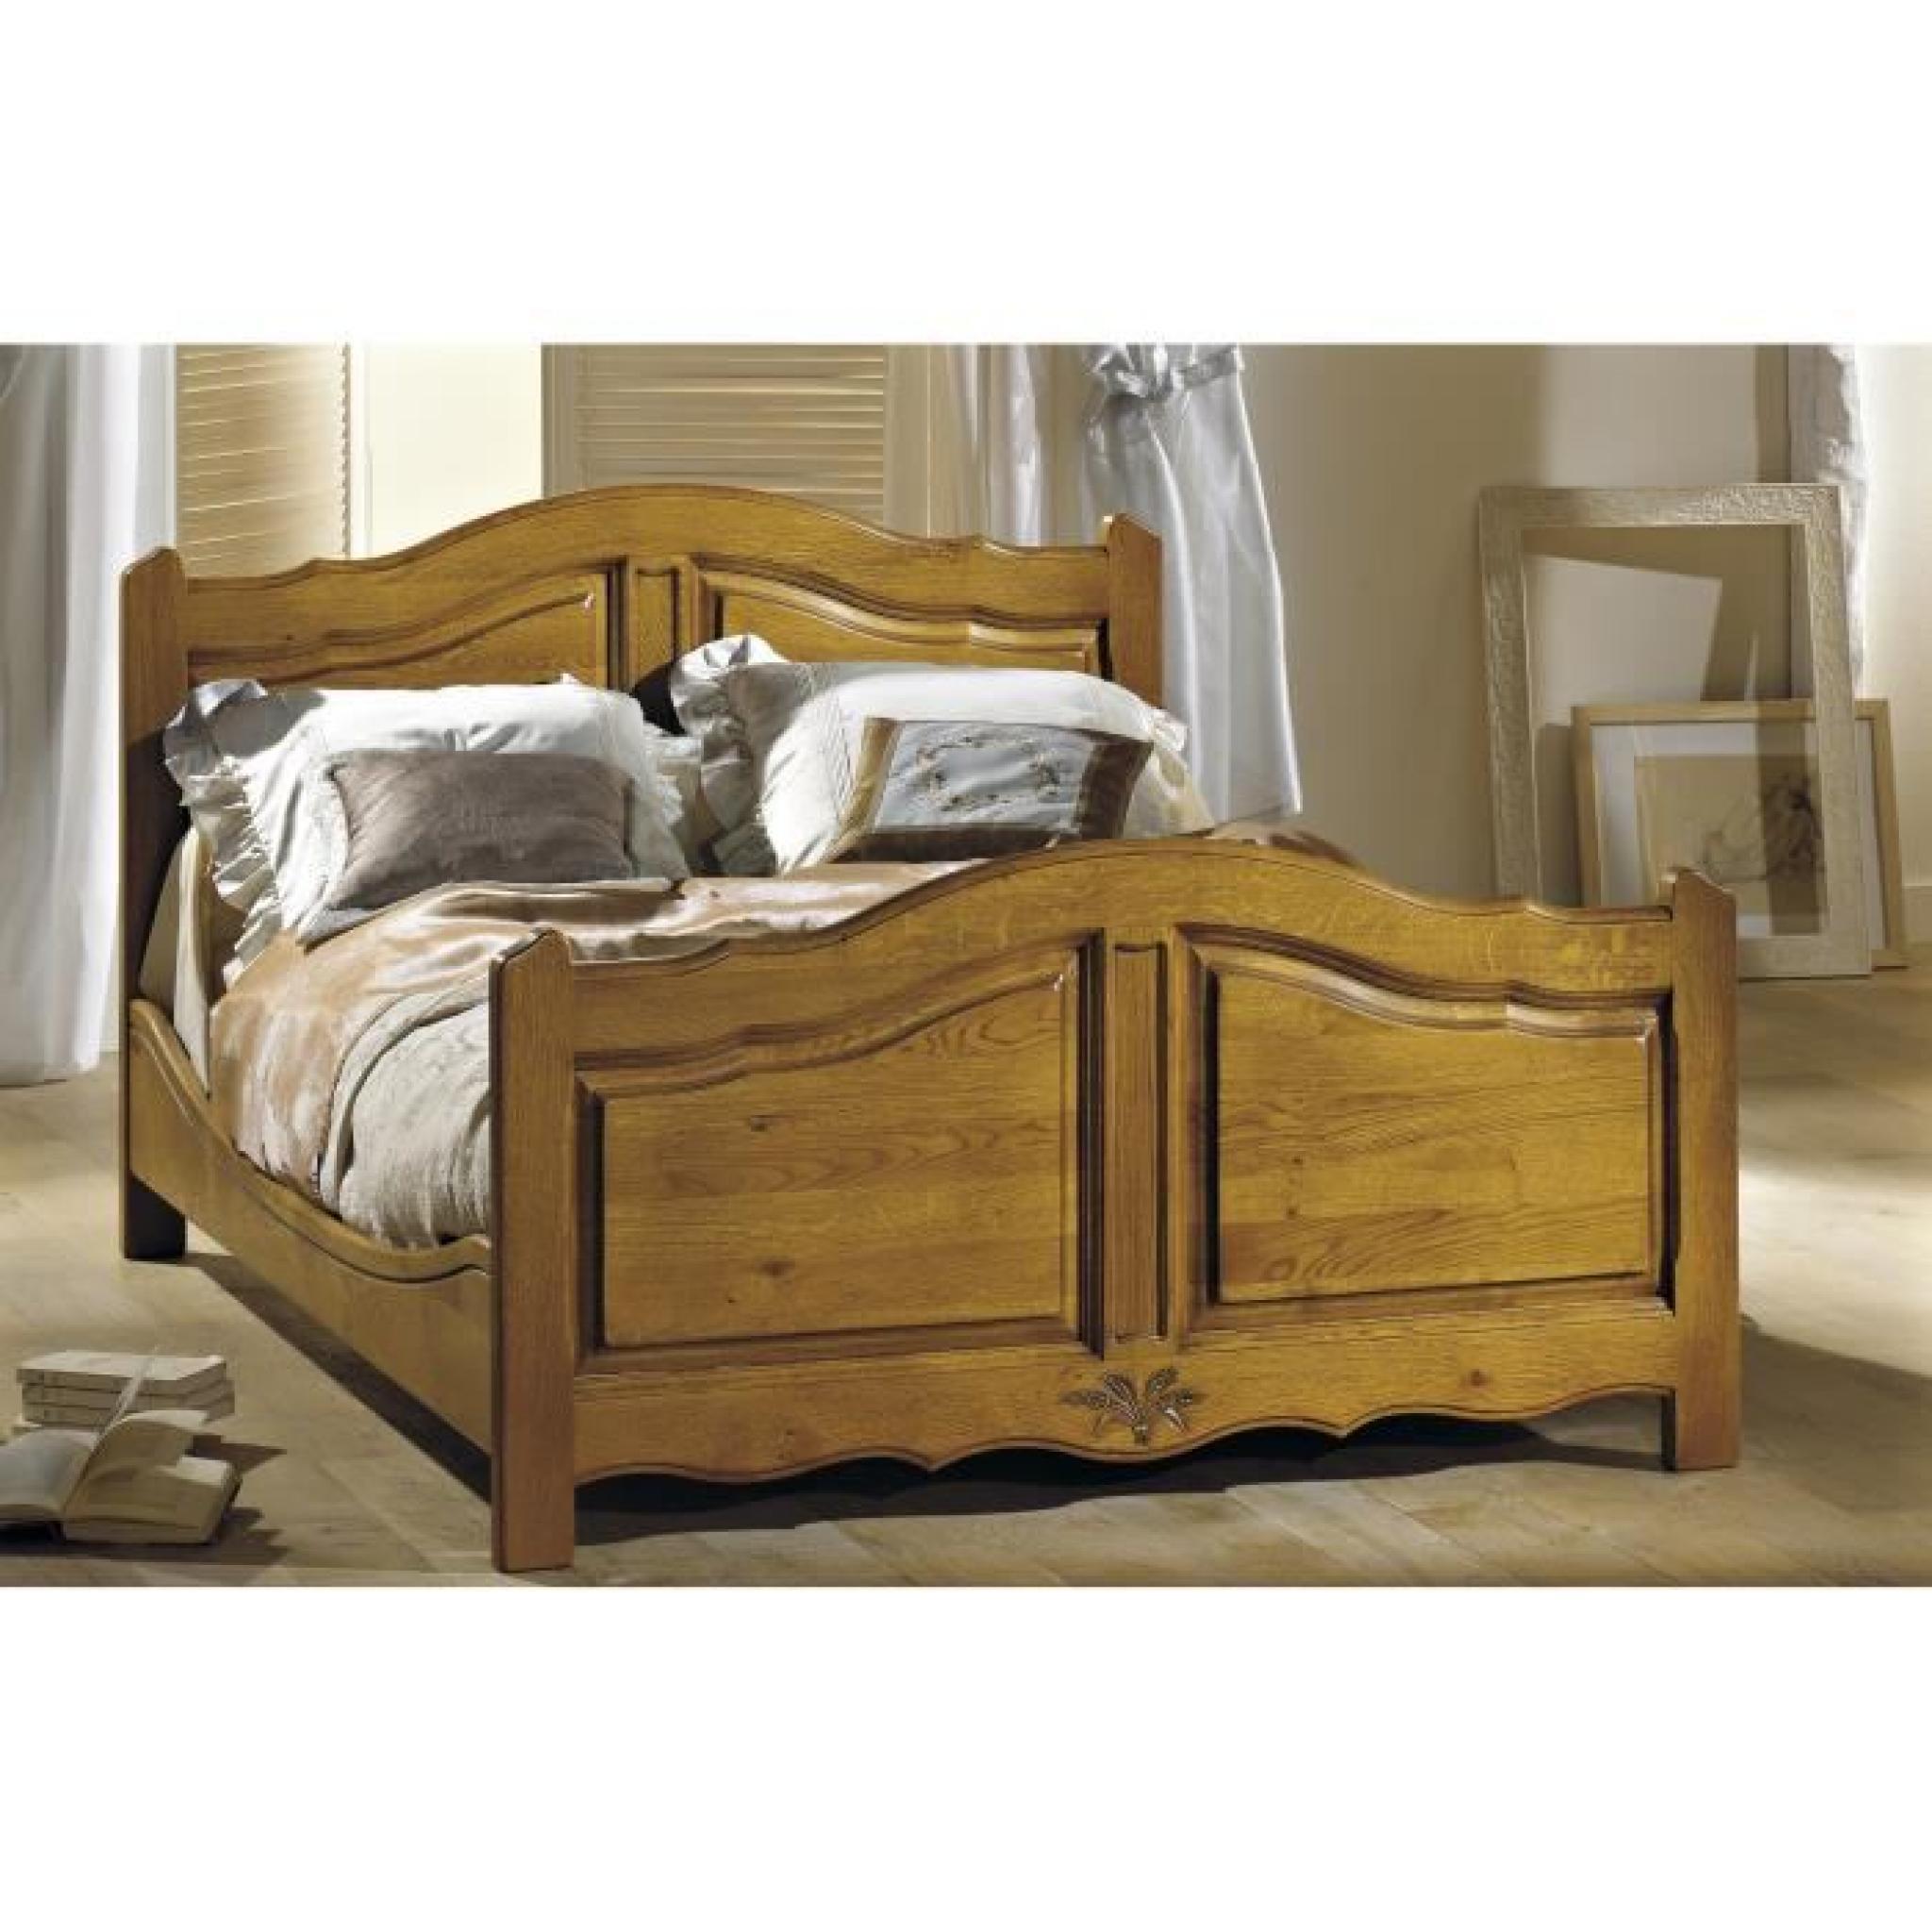 lit chene massif modele jura 160 x 200 achat vente lit pas cher couleur et. Black Bedroom Furniture Sets. Home Design Ideas